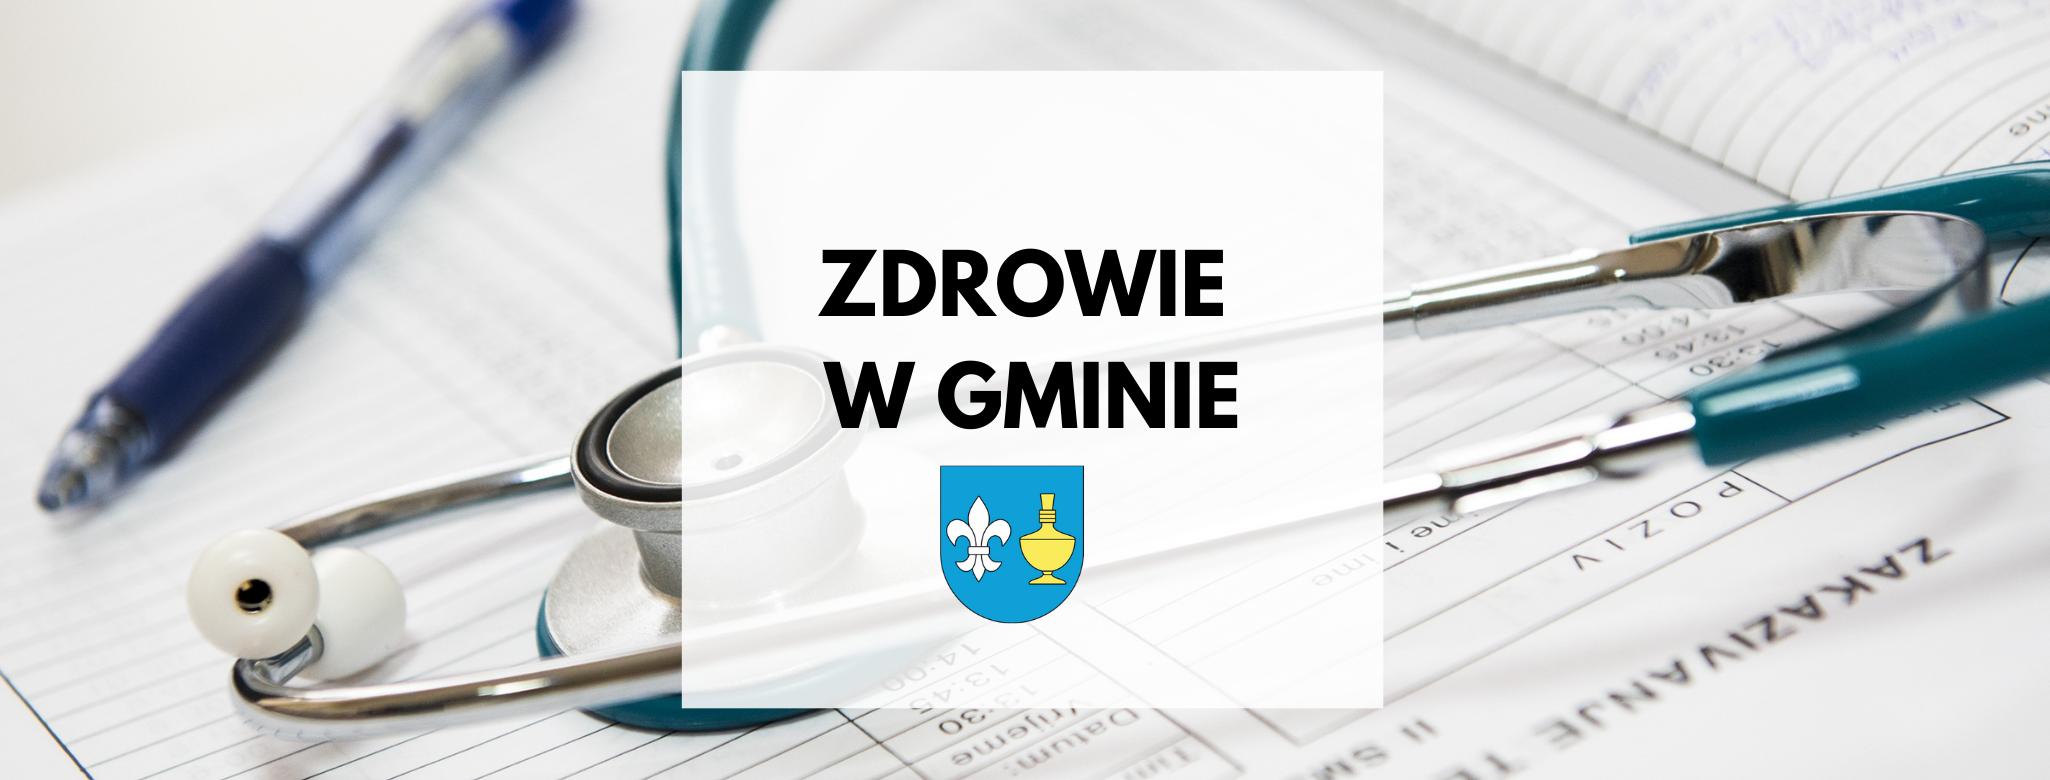 nagłówek graficzny o treści: zdrowie w gminie, grafika: herb gminy Koczała, w tle stetoskop lekarski, długopis